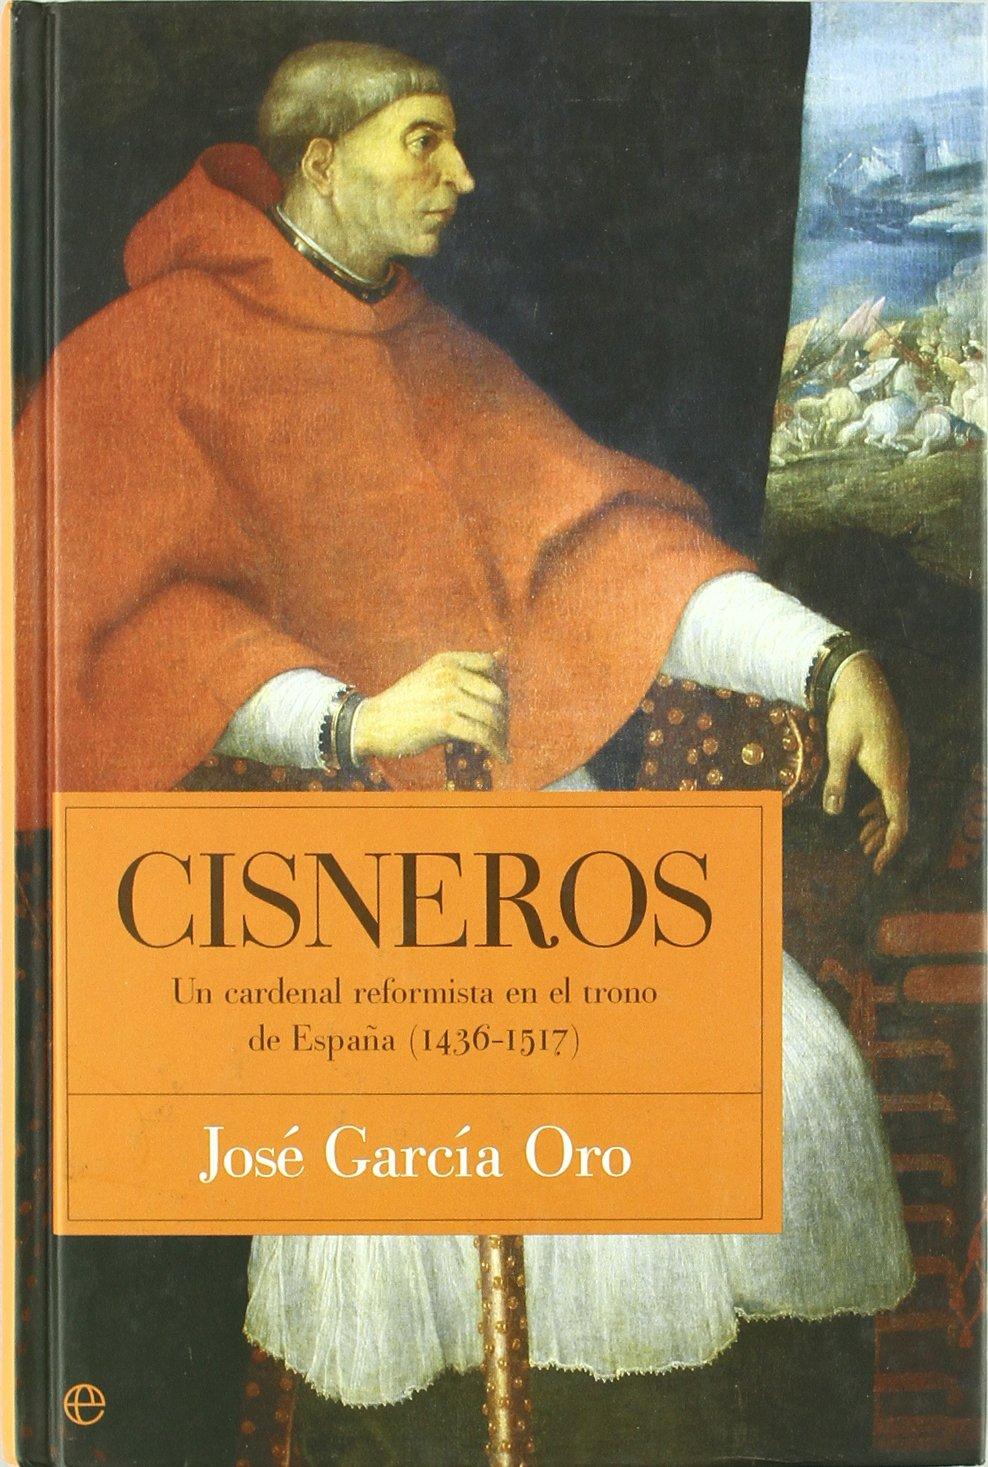 Cisneros. un cardenal reformista en el trono de España 1436-1517: Amazon.es: Garcia Oro, Jose: Libros